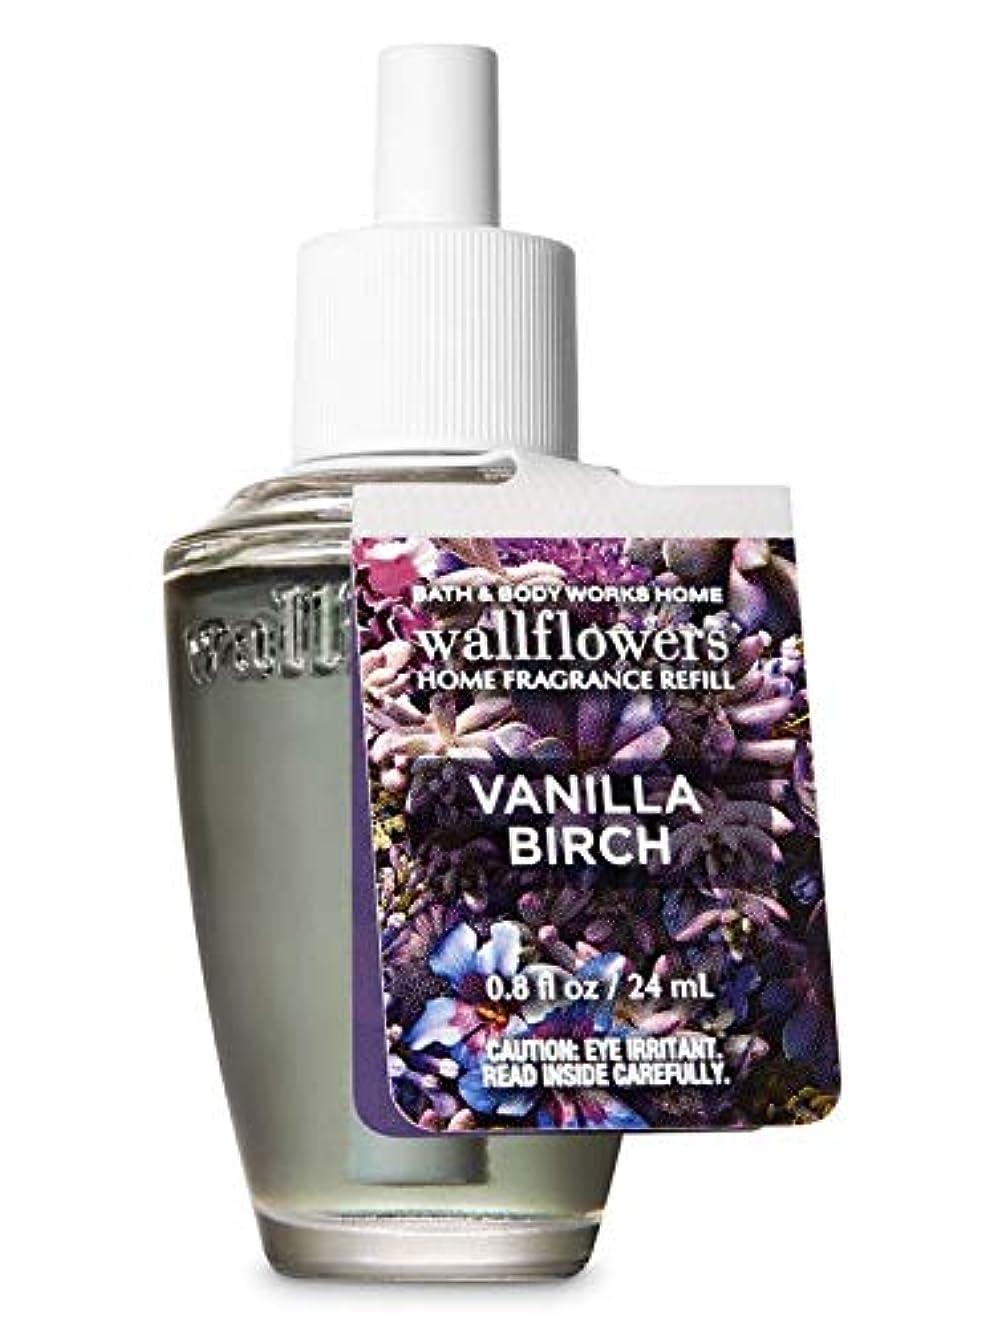 余分なシャープ頑丈【Bath&Body Works/バス&ボディワークス】 ルームフレグランス 詰替えリフィル バニラバーチ Wallflowers Home Fragrance Refill Vanilla Birch [並行輸入品]